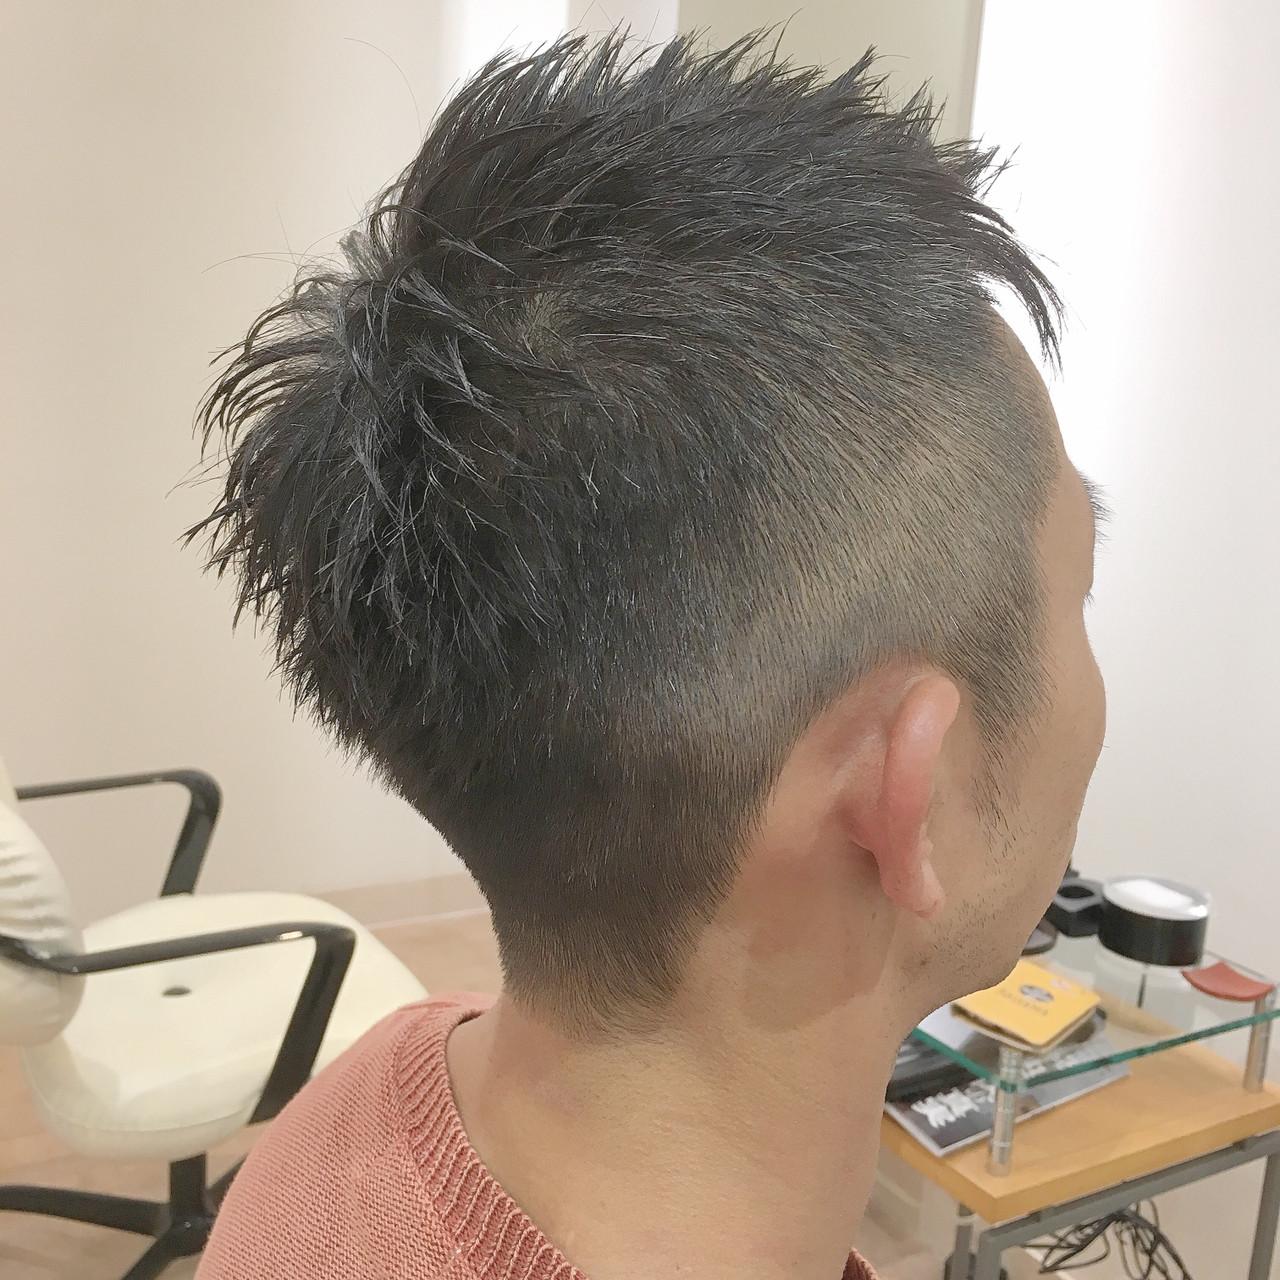 刈り上げ メンズ ツーブロック ストリート ヘアスタイルや髪型の写真・画像